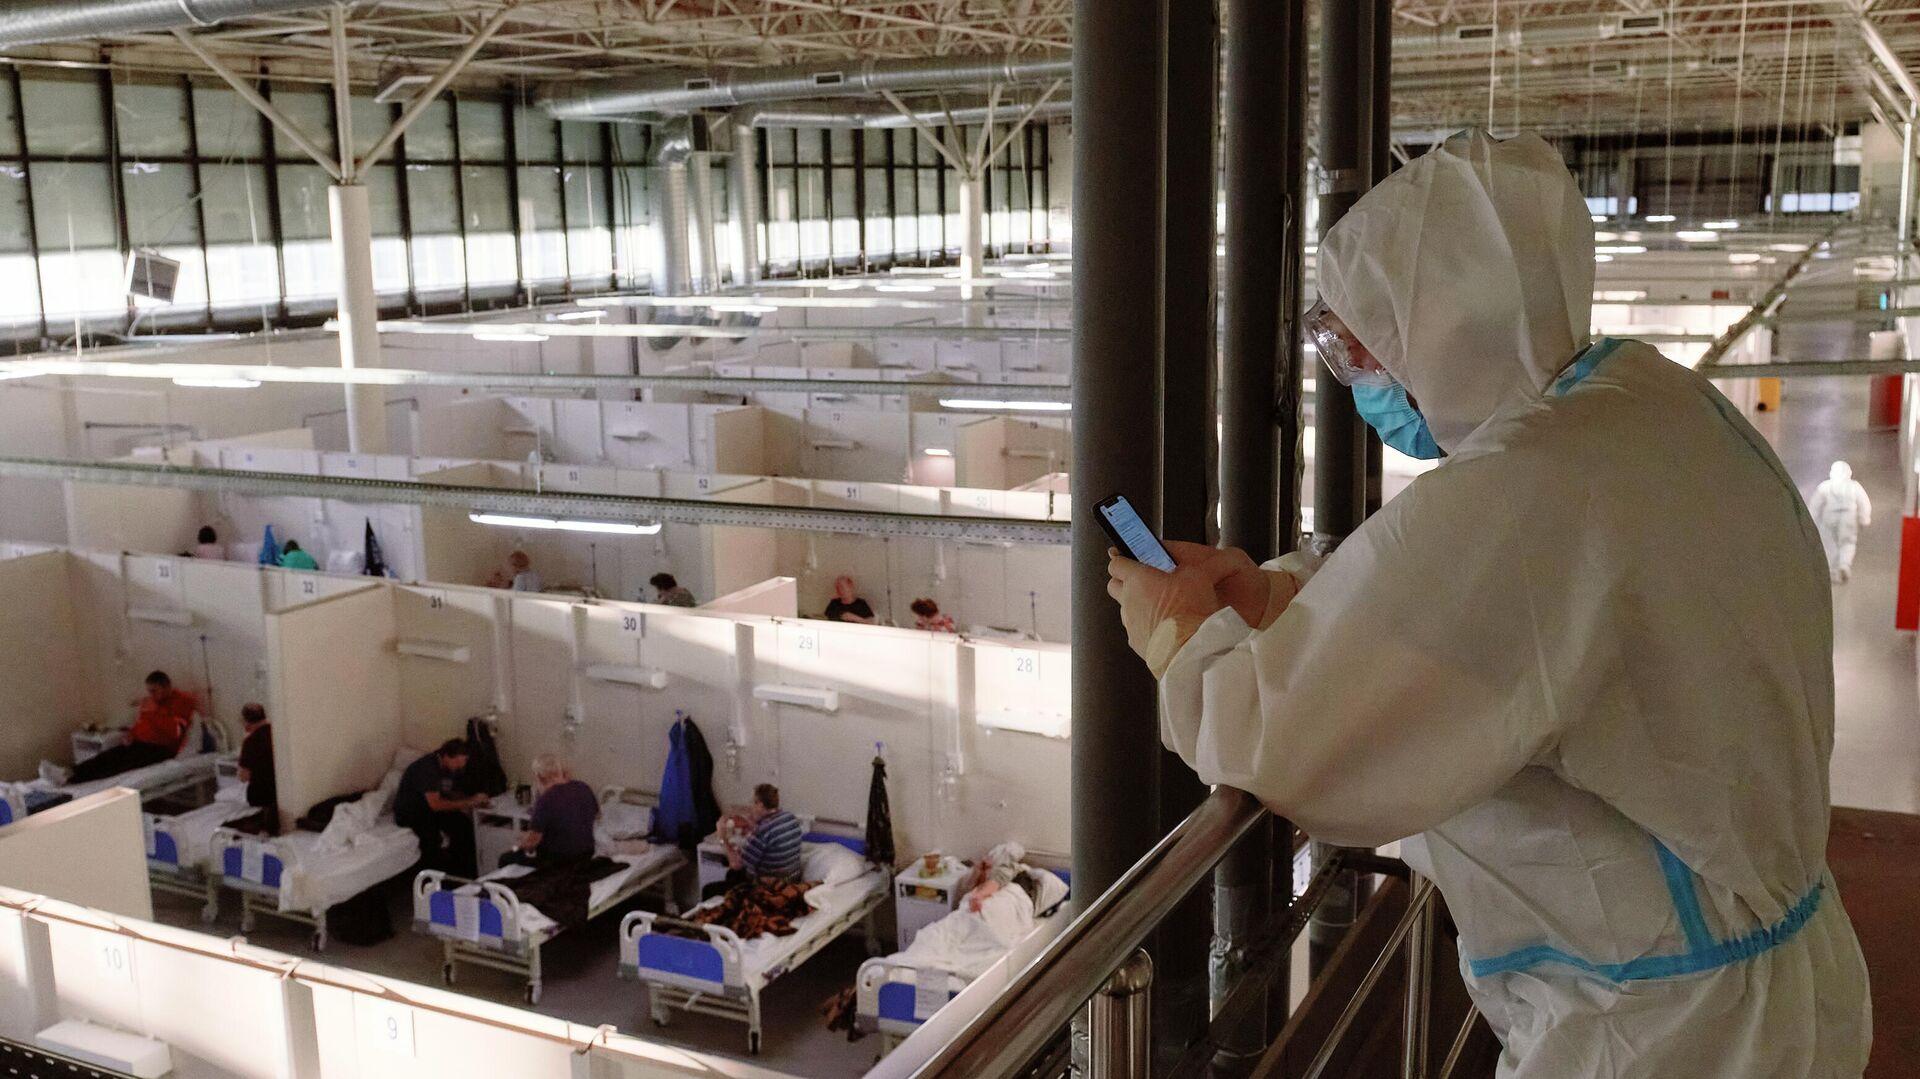 Отделение больных средней тяжести во временном госпитале для больных COVID-19, организованном в выставочном комплексе Ленэкспо - РИА Новости, 1920, 18.01.2021